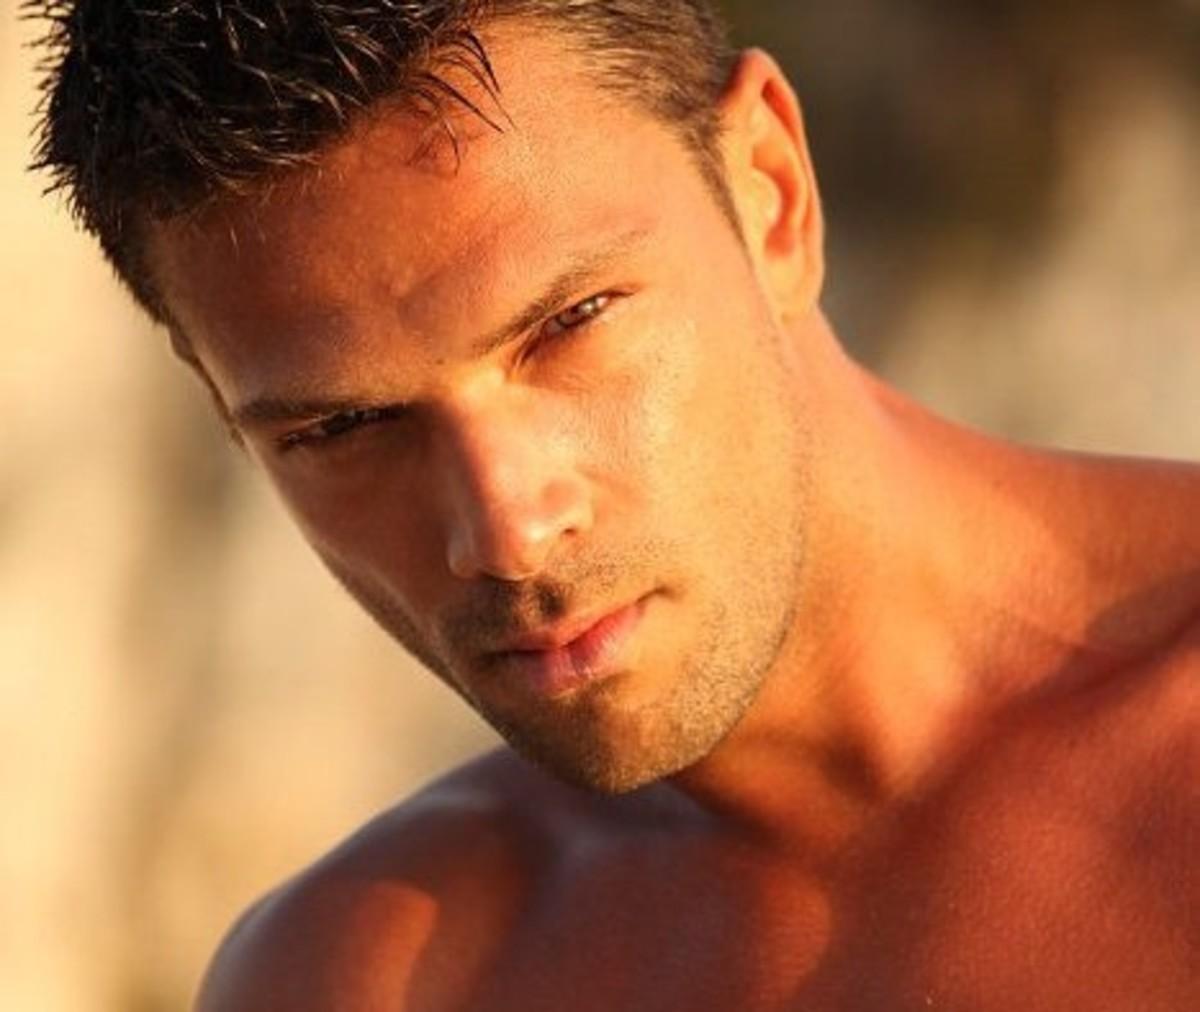 Κρητικός διεκδικεί τον τίτλο του ωραιότερου άντρα! – Video | Newsit.gr